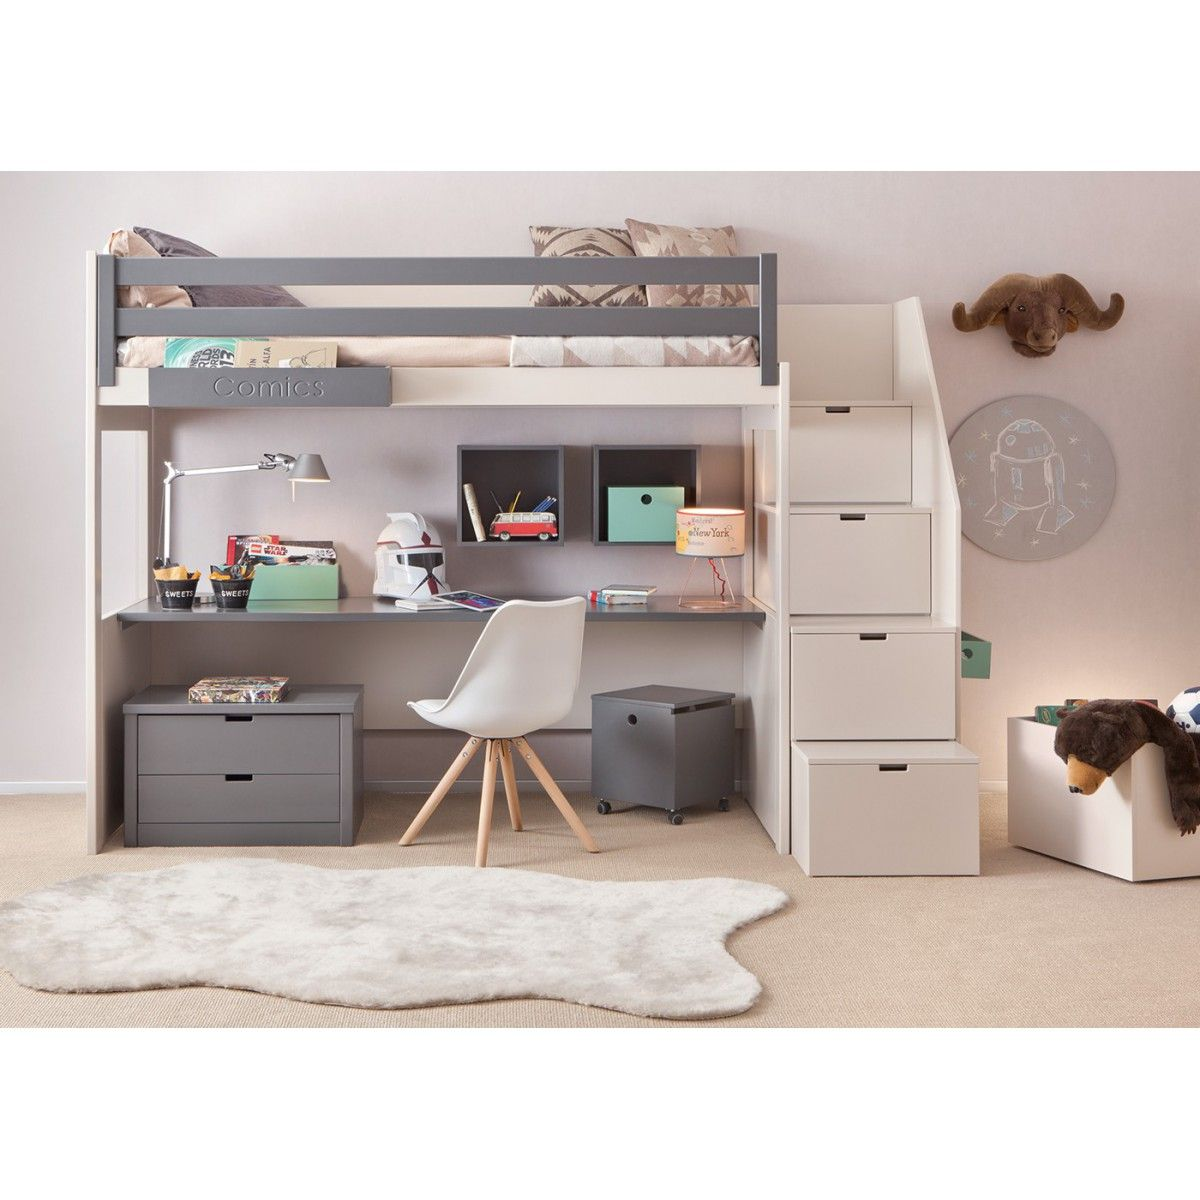 chambre complete pour enfants ados avec lit mezzanine bureau et rangements asoral en 2018. Black Bedroom Furniture Sets. Home Design Ideas